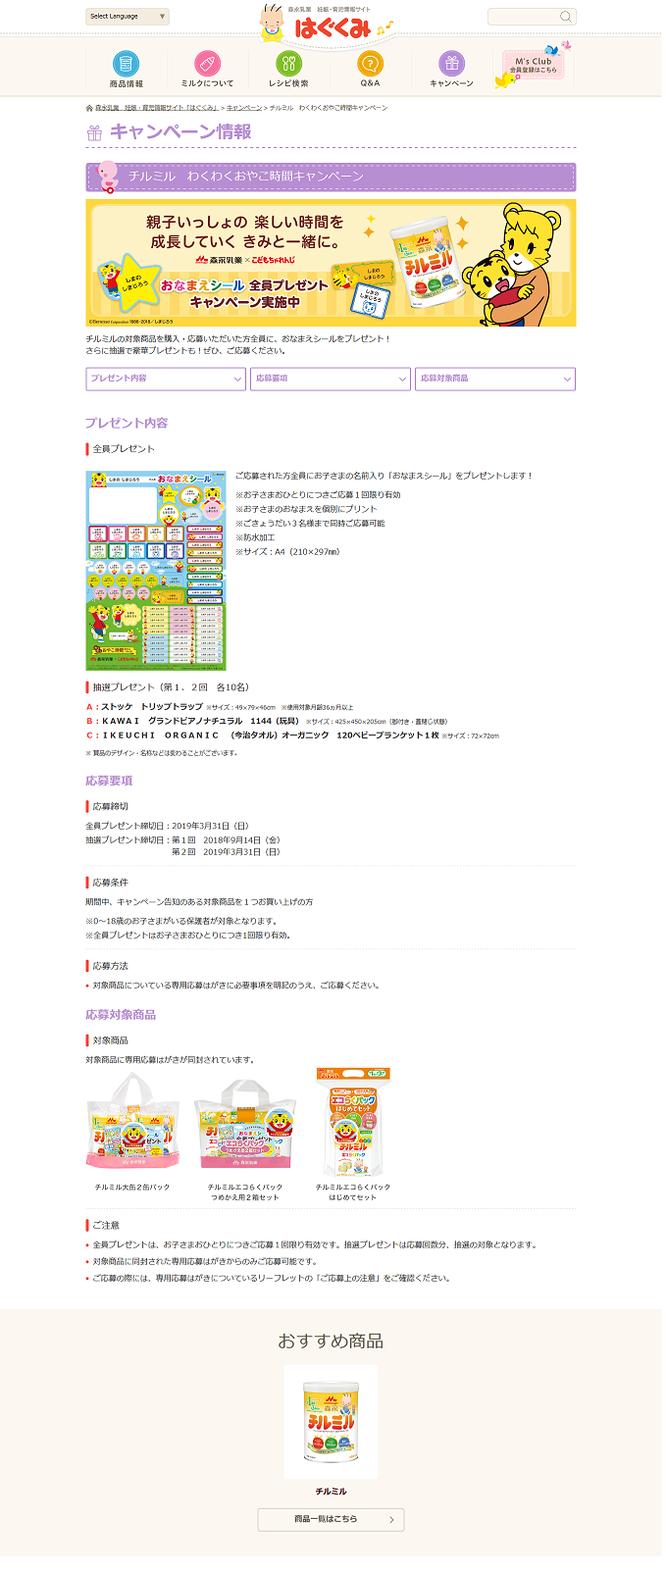 【森永乳業】チルミル「こどもちゃれんじ しまじろう」わくわくおやこ時間キャンペーン